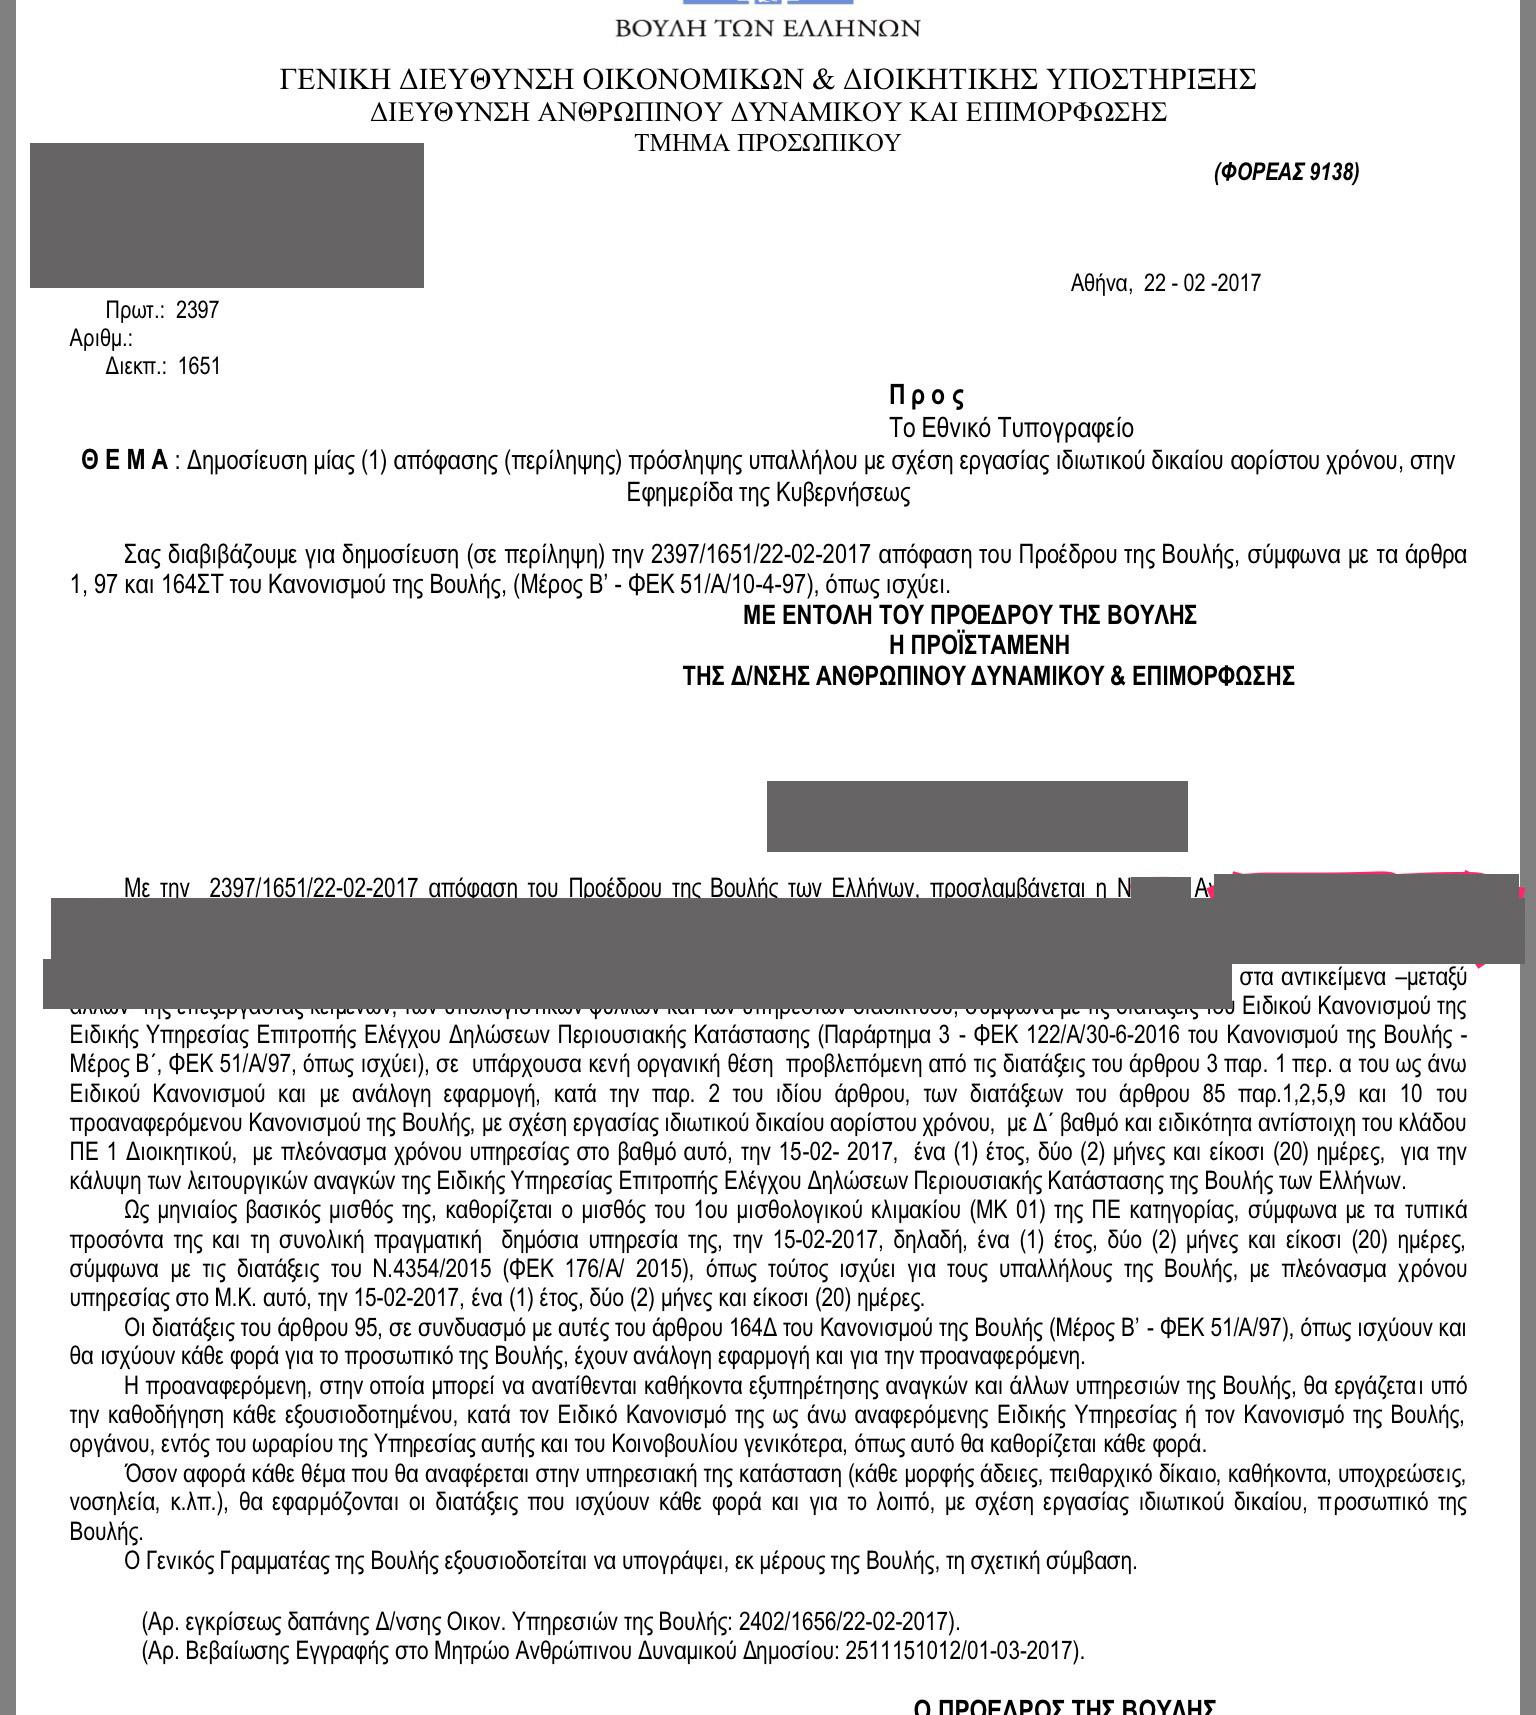 Δημοσίευμα -φωτιά: Μονιμοποιήθηκαν μετακλητοί υπάλληλοι στη Βουλή με απόφαση Βούτση